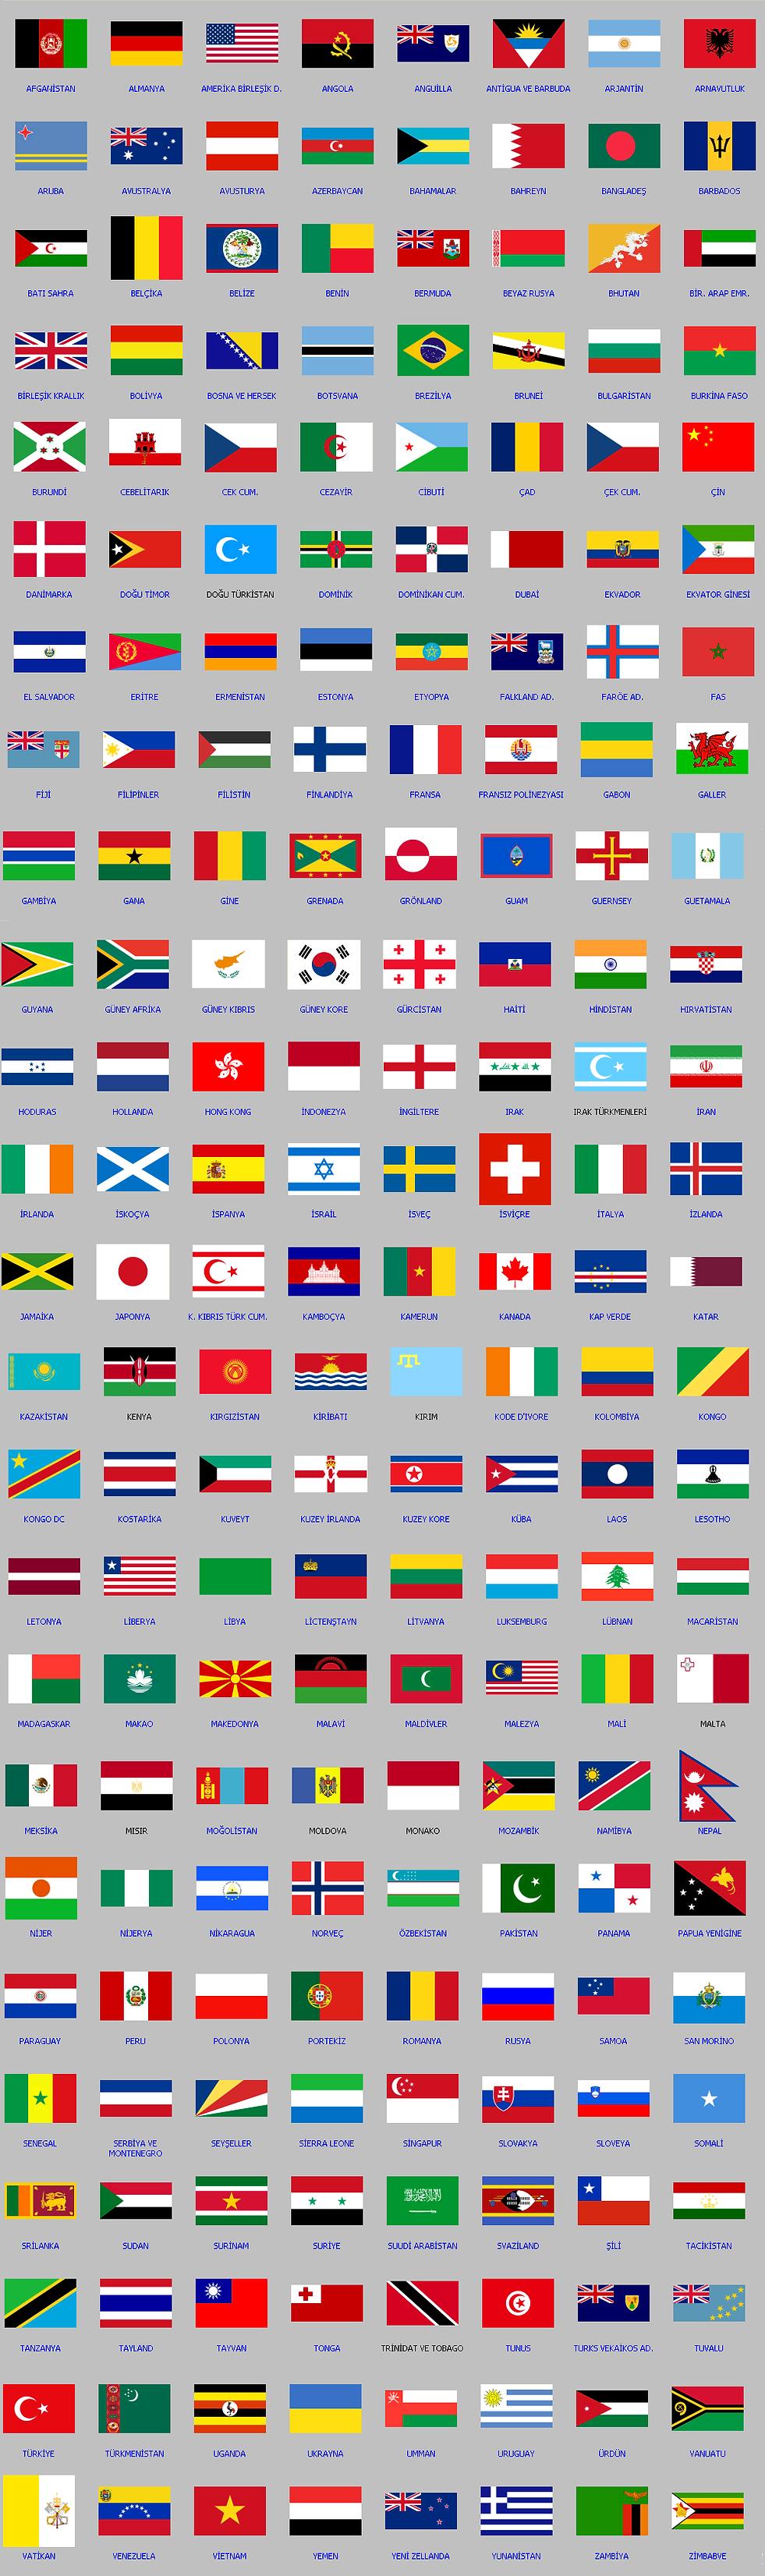 ülkeler